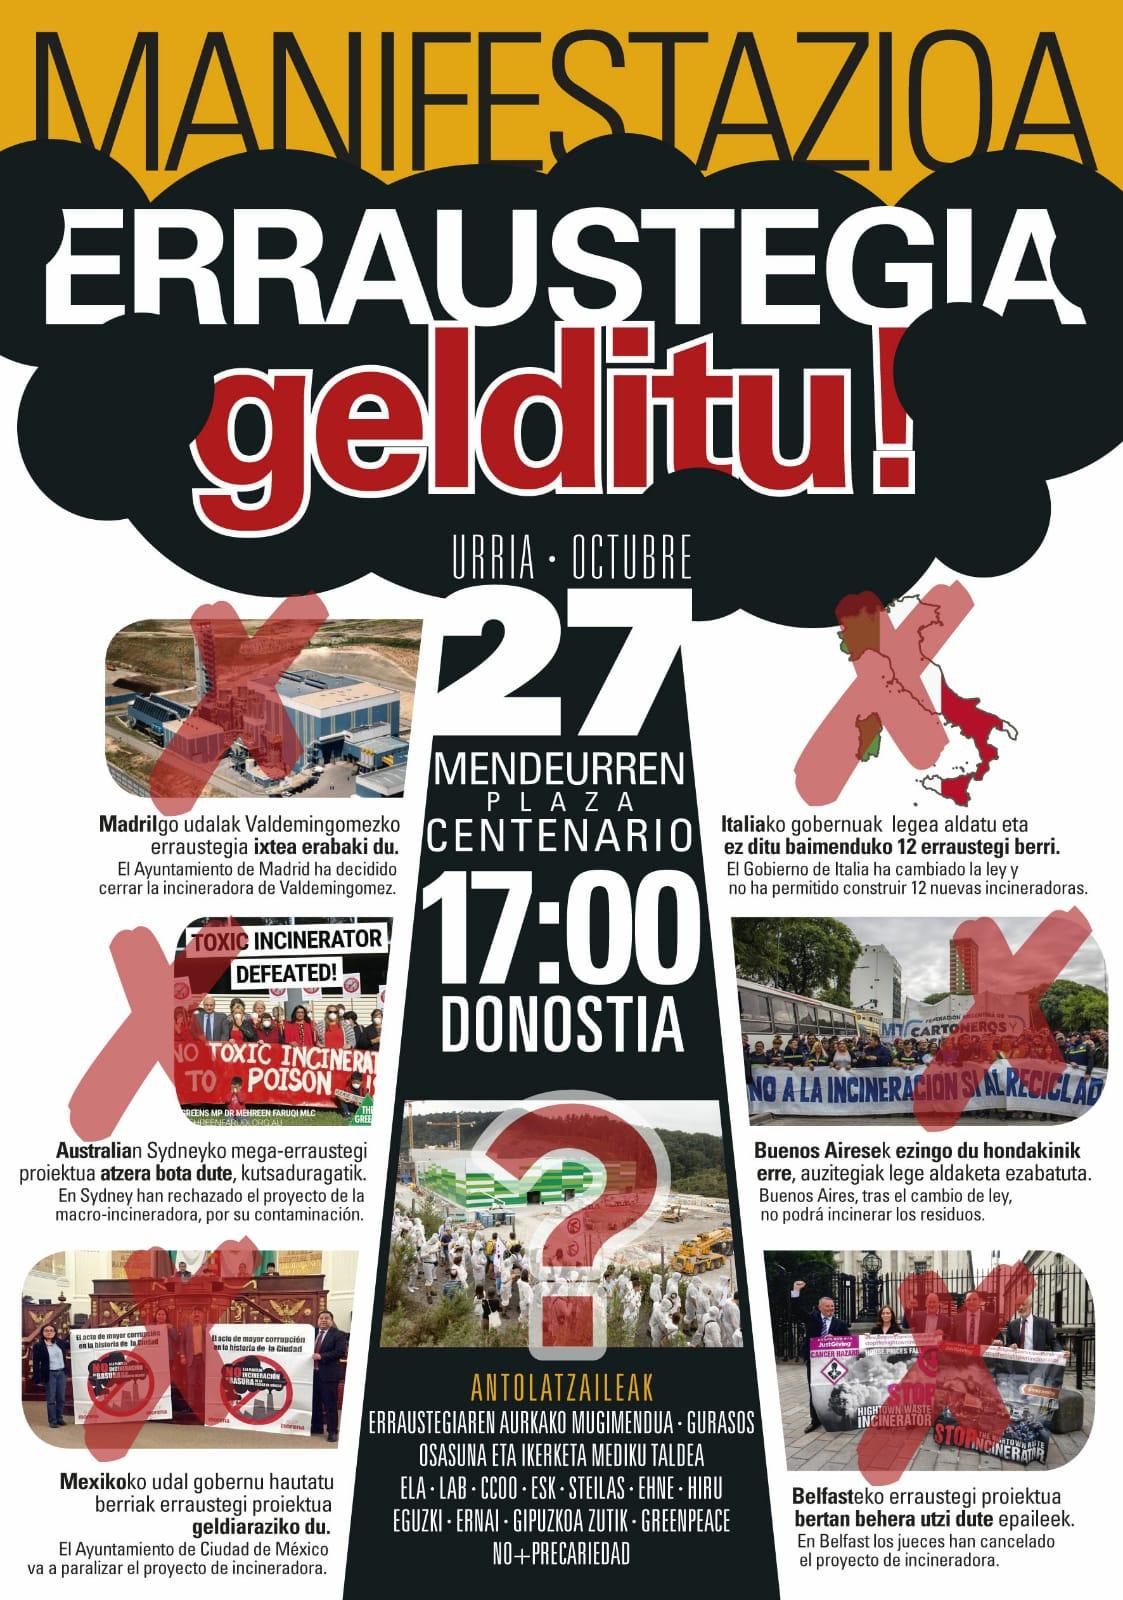 """Gipuzkoako  hainbat  eragilek  deituta,  urriaren  27an  """"Erraustegia  gelditu!""""  manifestazioa  Donostian"""